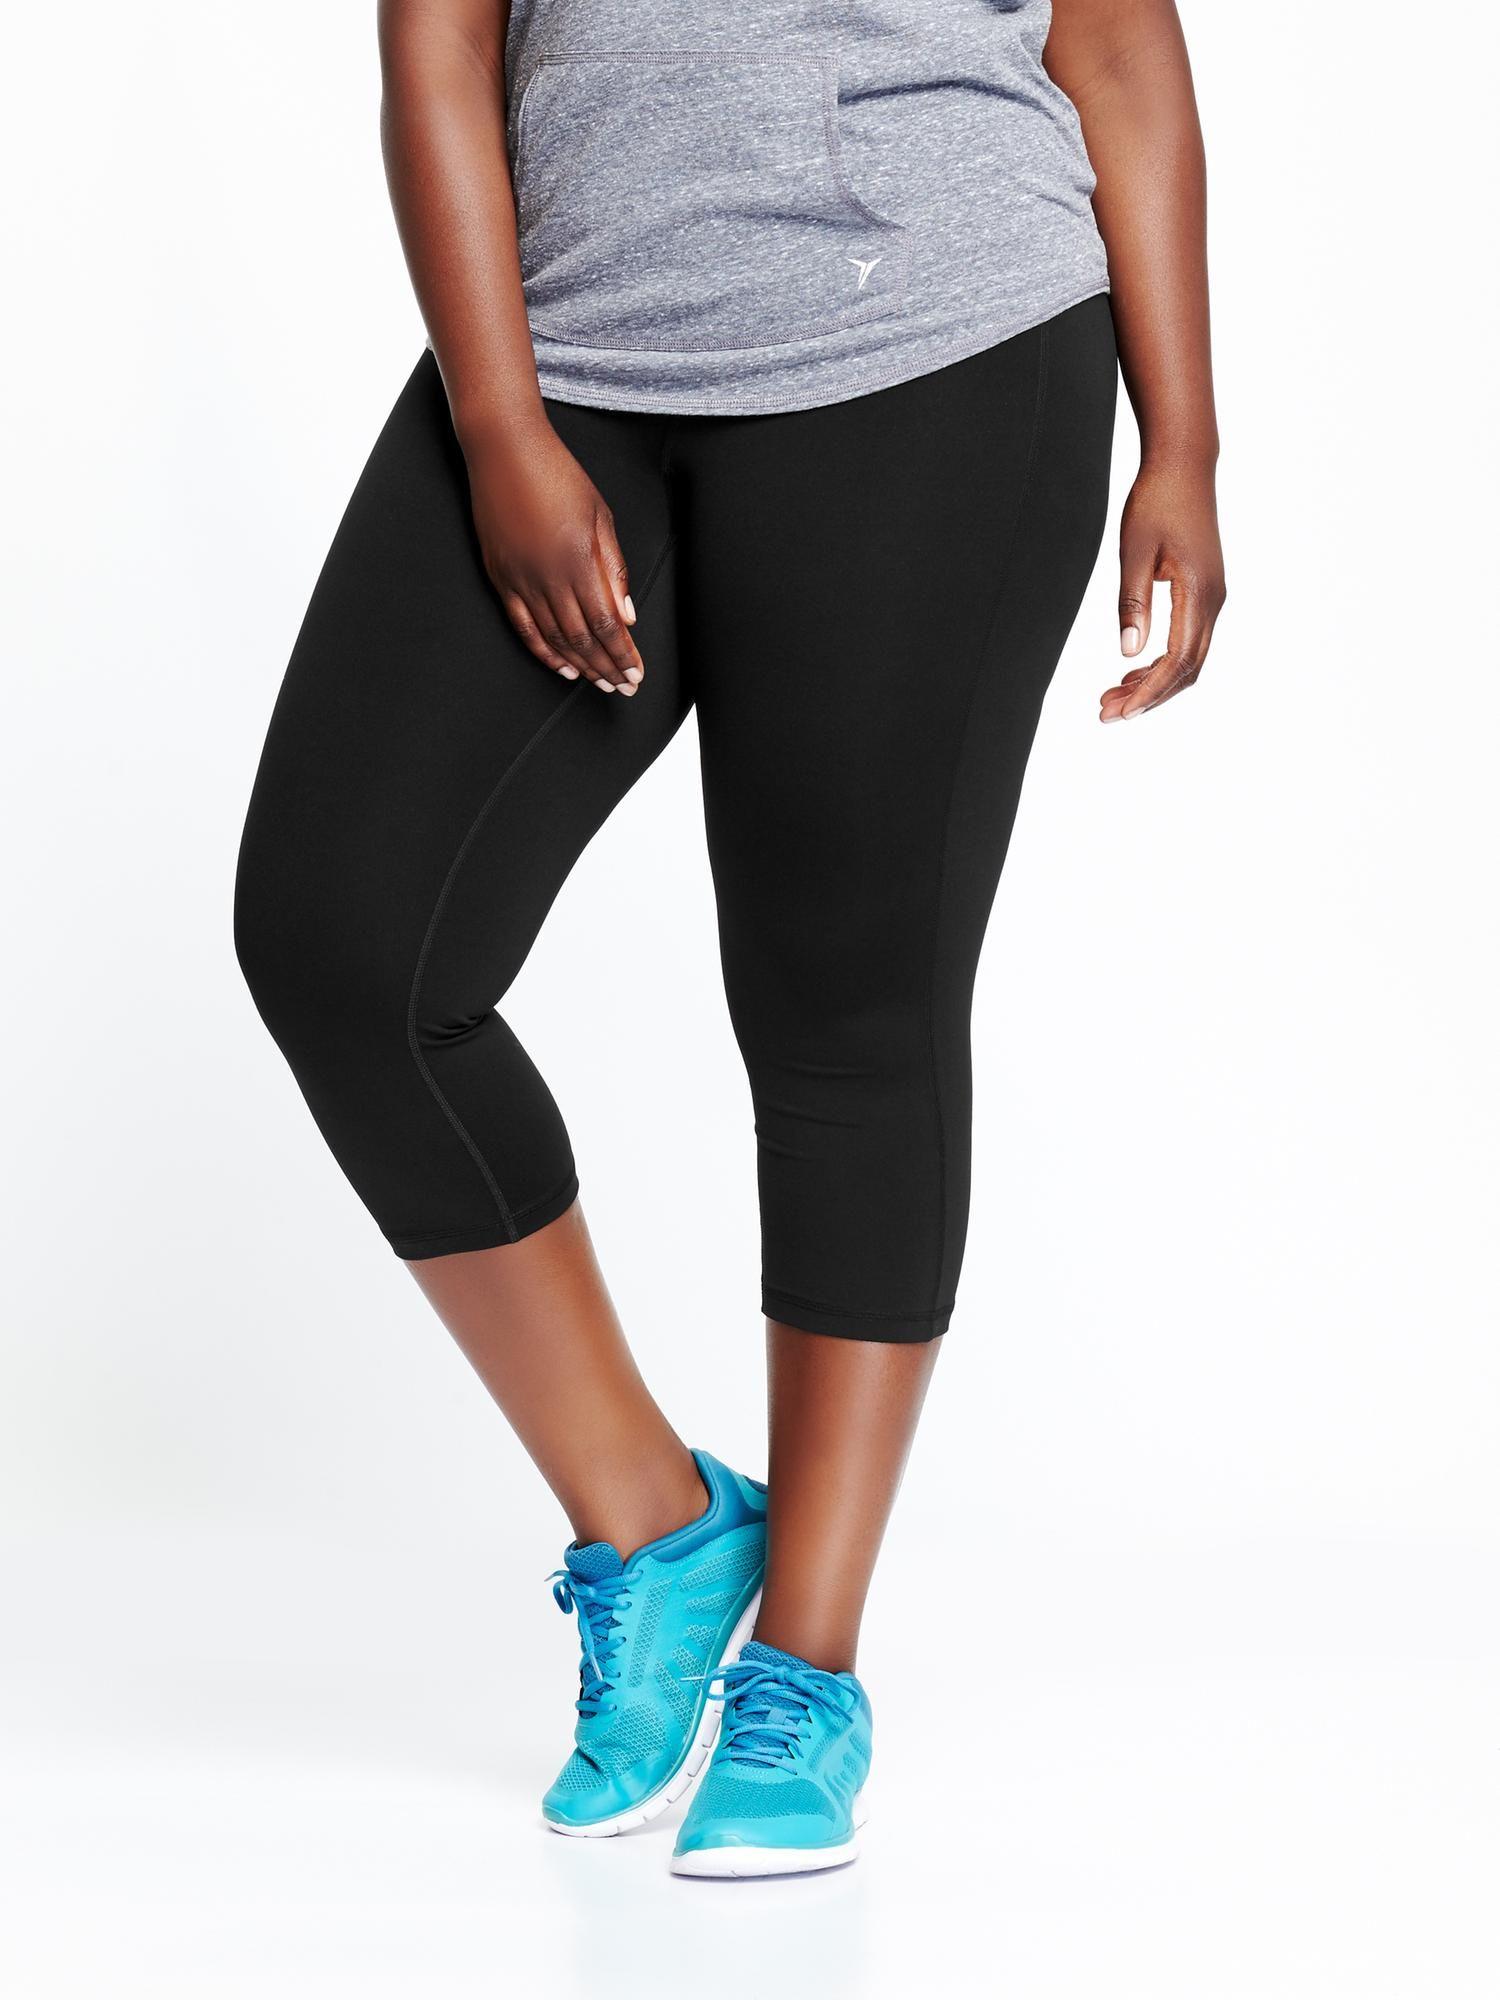 Size 3 Plus size clothing sale, Compression pants, Plus